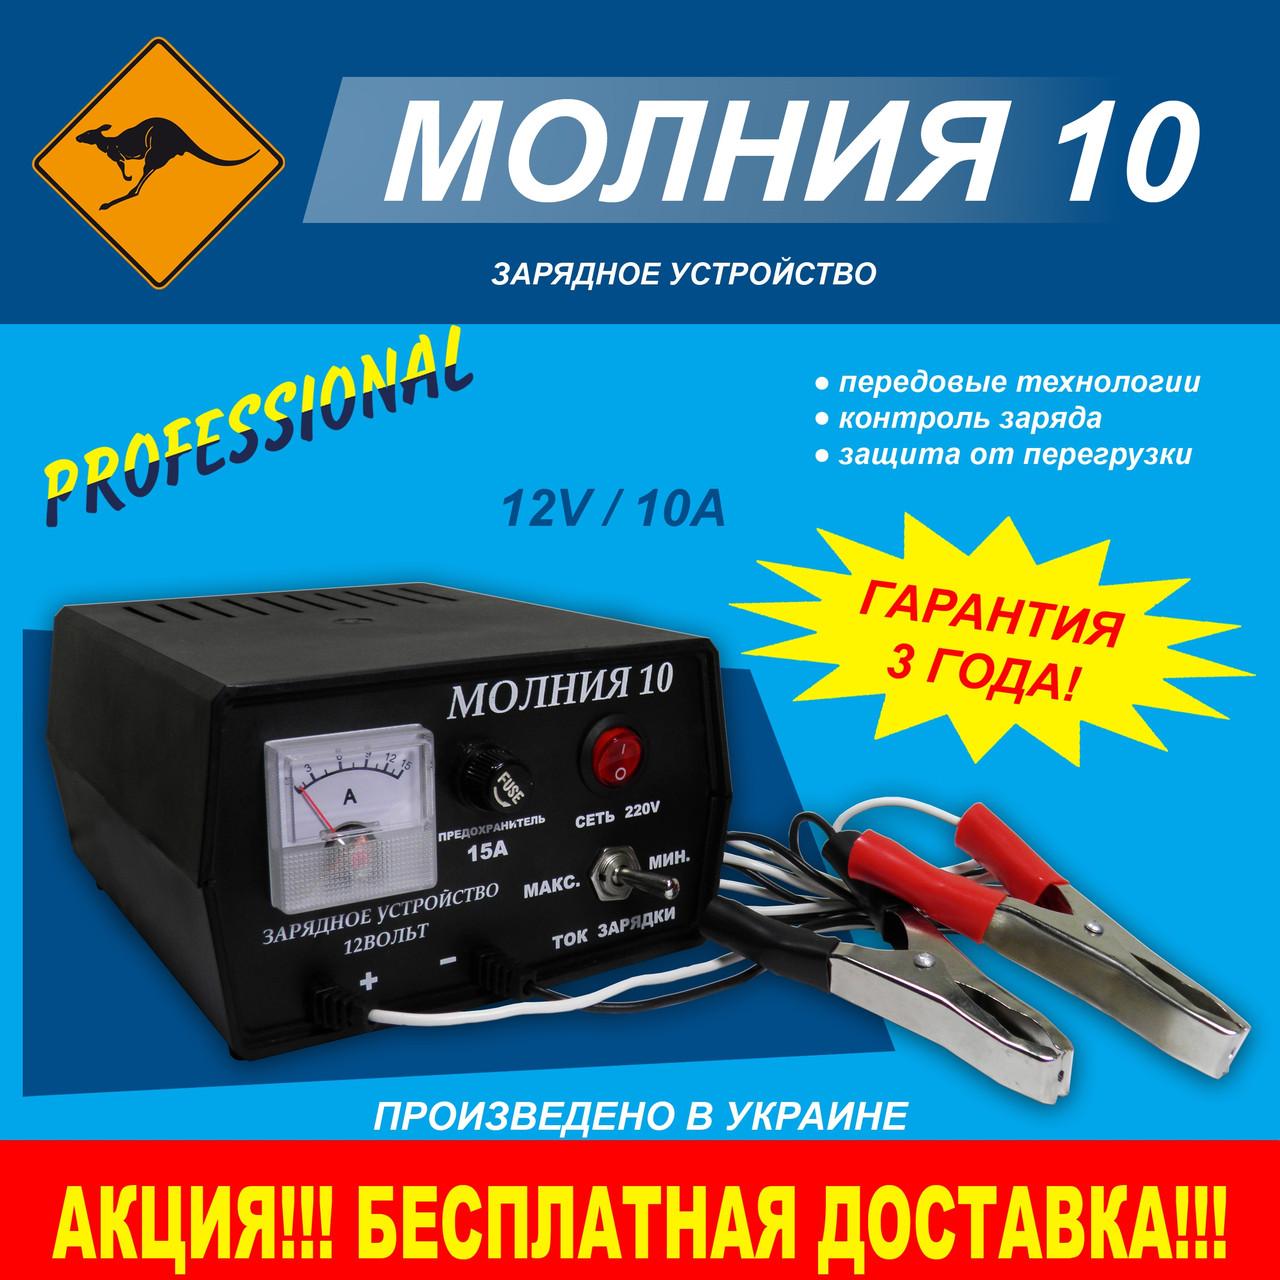 схема зарядного устройства молния 10